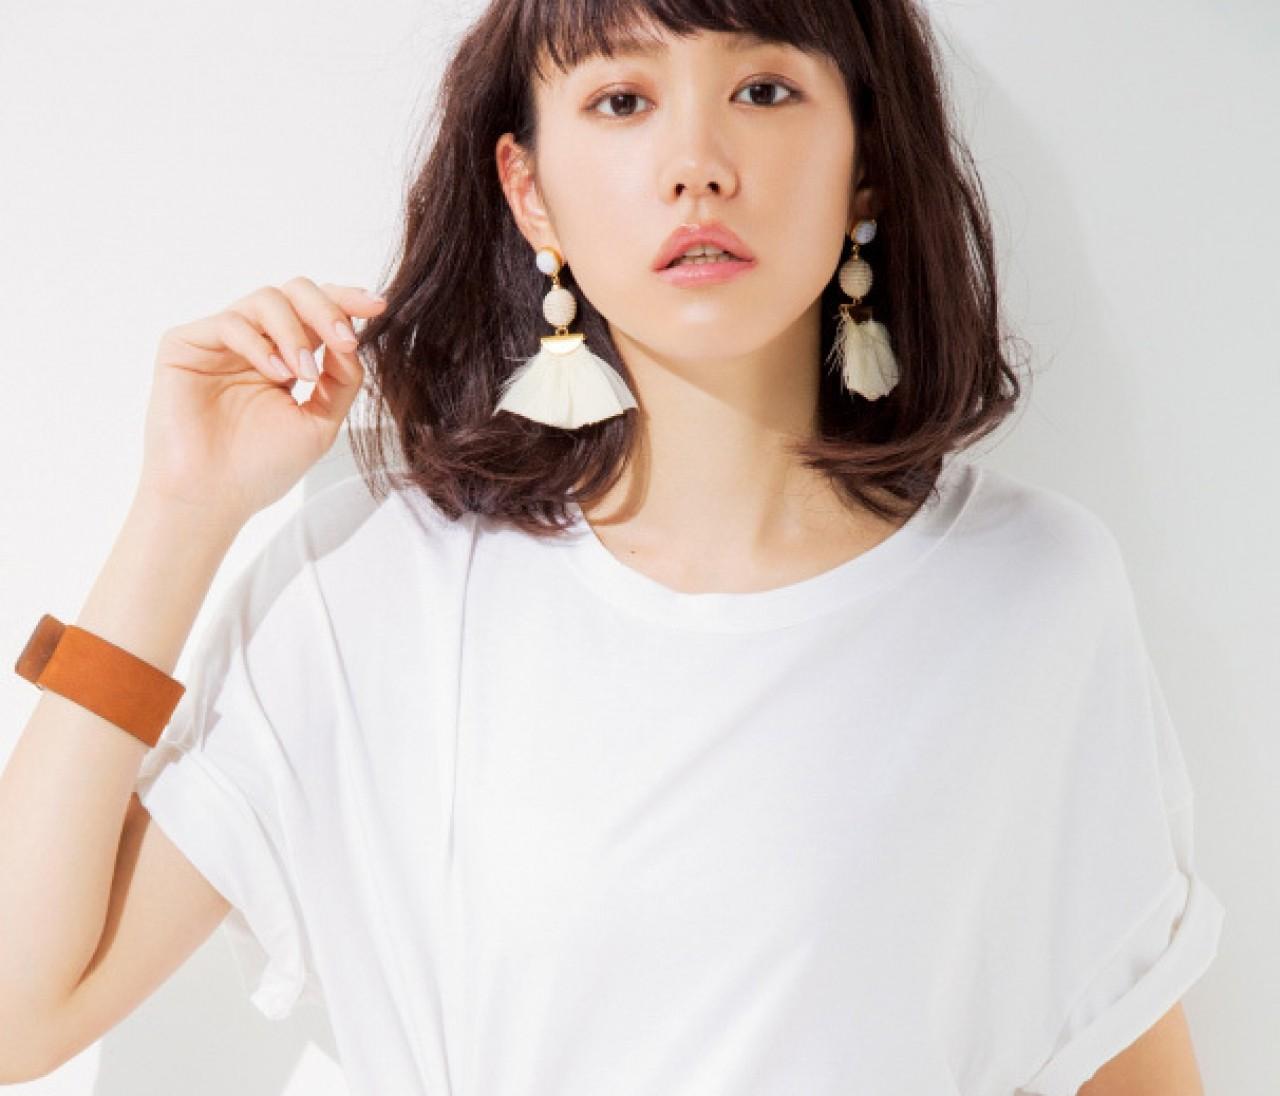 桐谷美玲がナビゲート♪ 美女感アップの【夏小物】7選